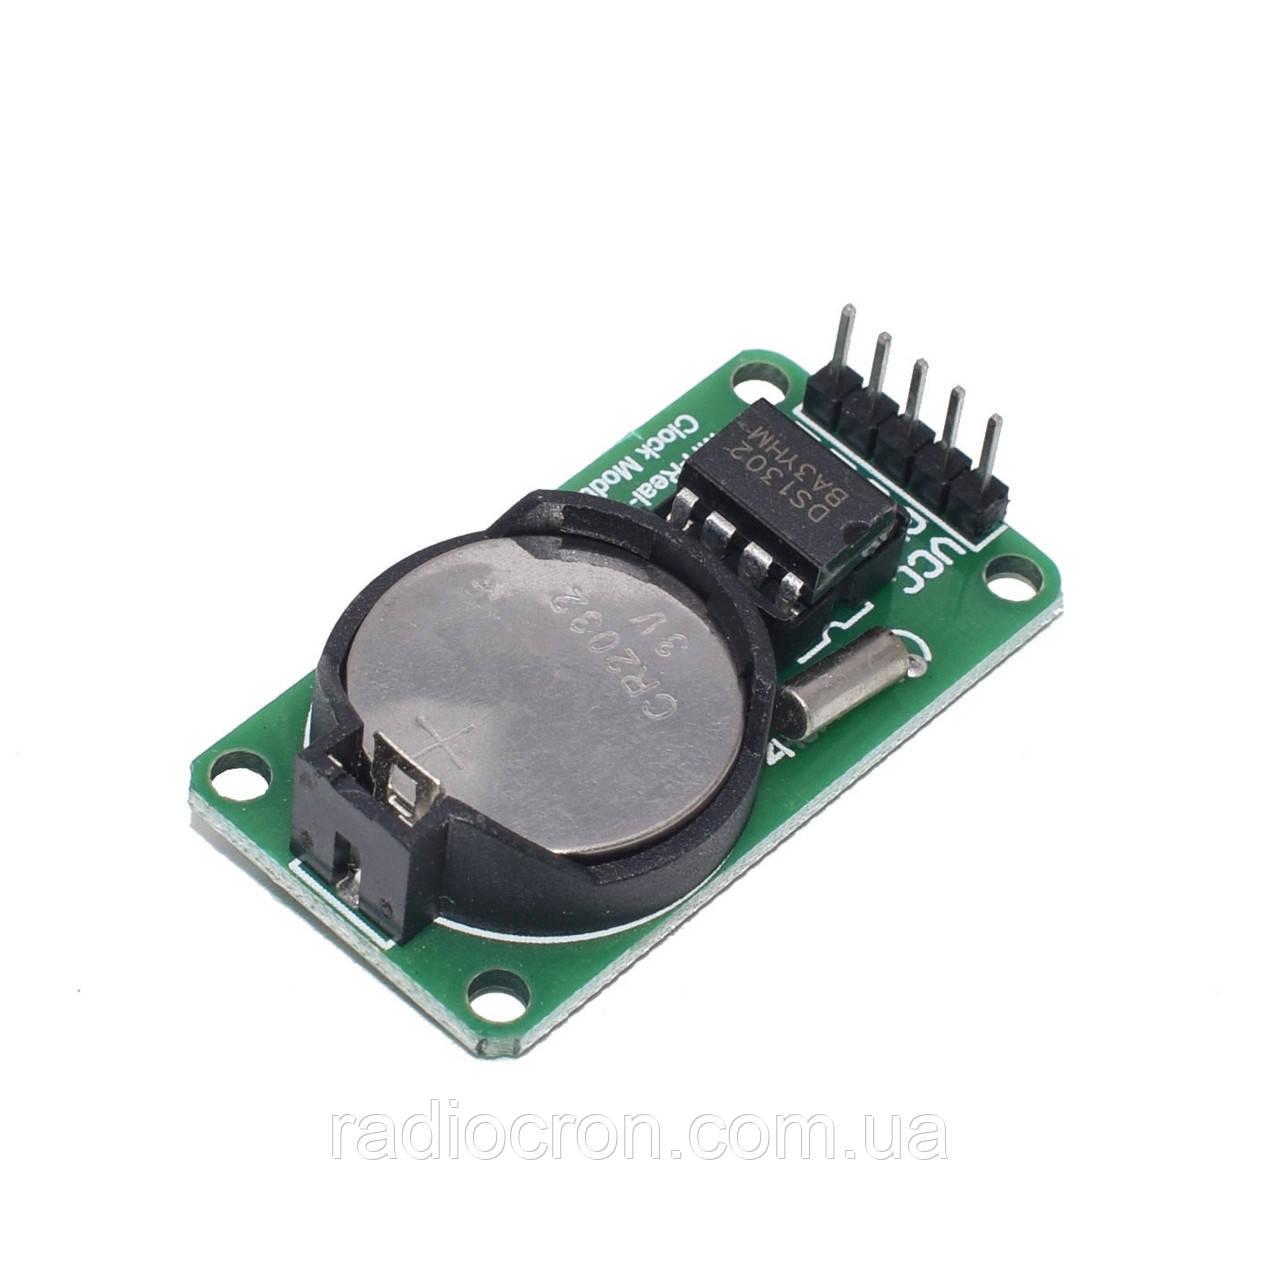 Часы реального времени RTC DS1302 + батарейка!